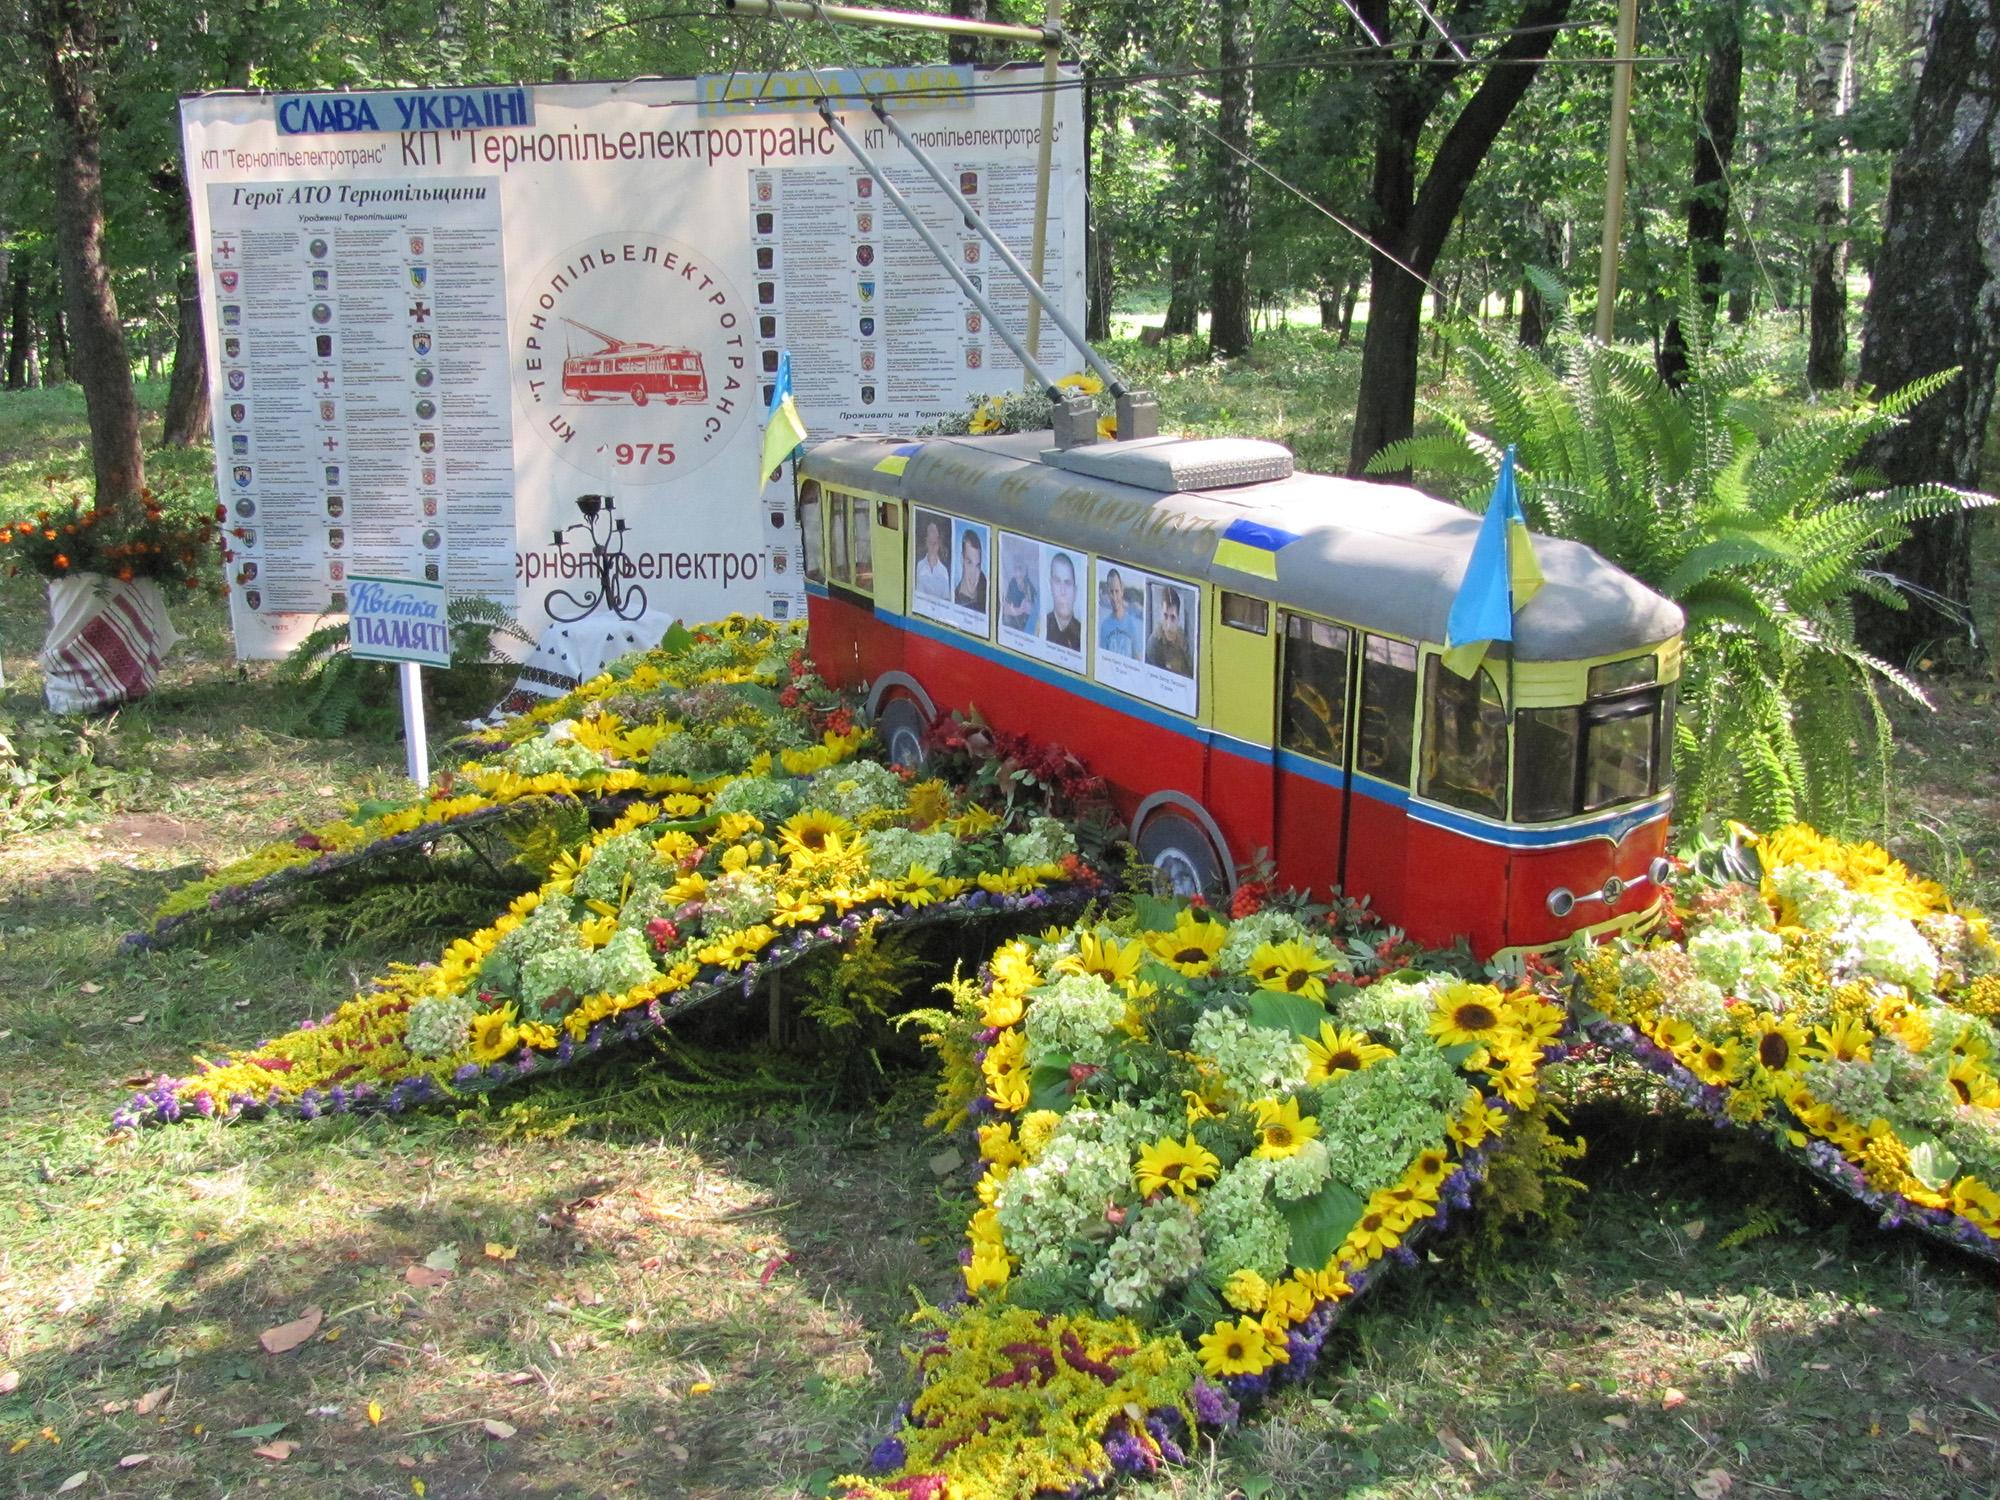 Композиція тролейбусників – одна з кращих на Святі квітів